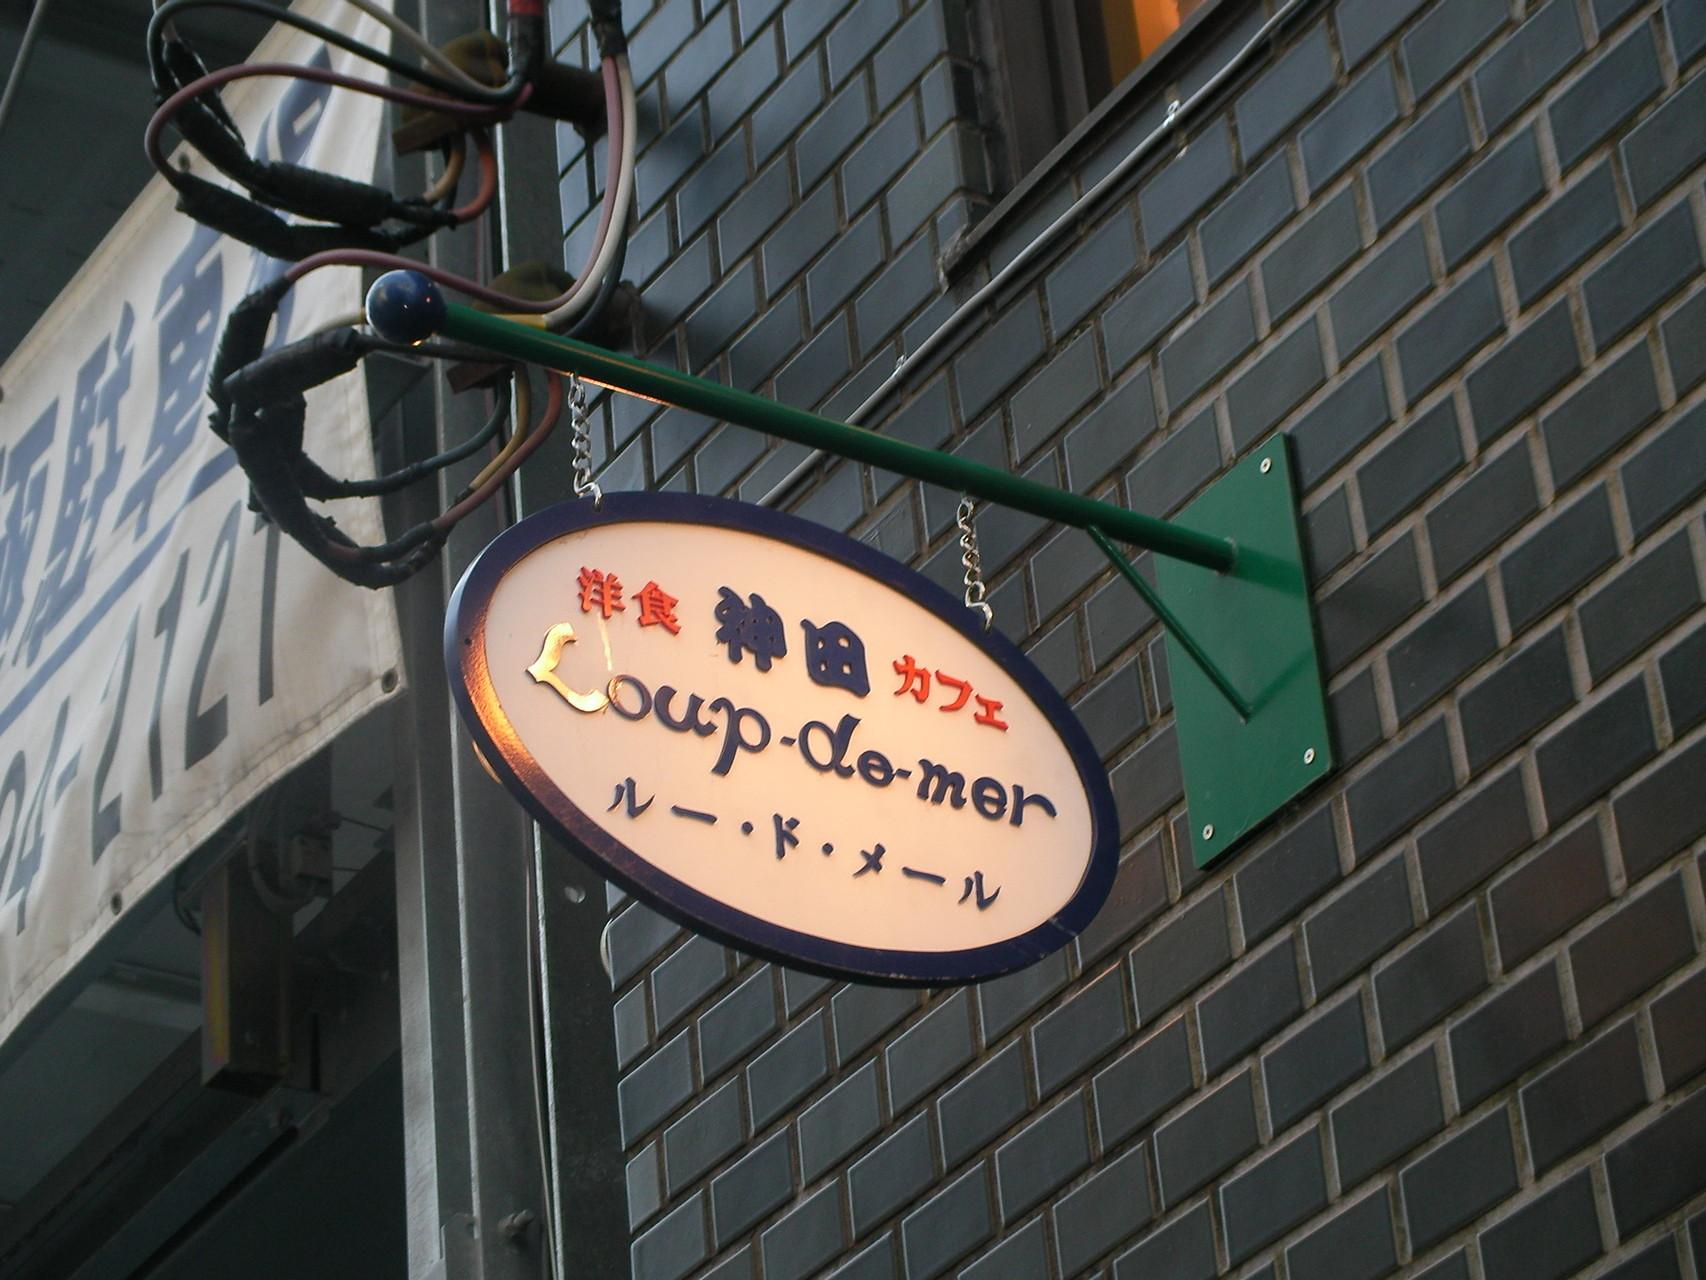 千代田区 洋食店工事